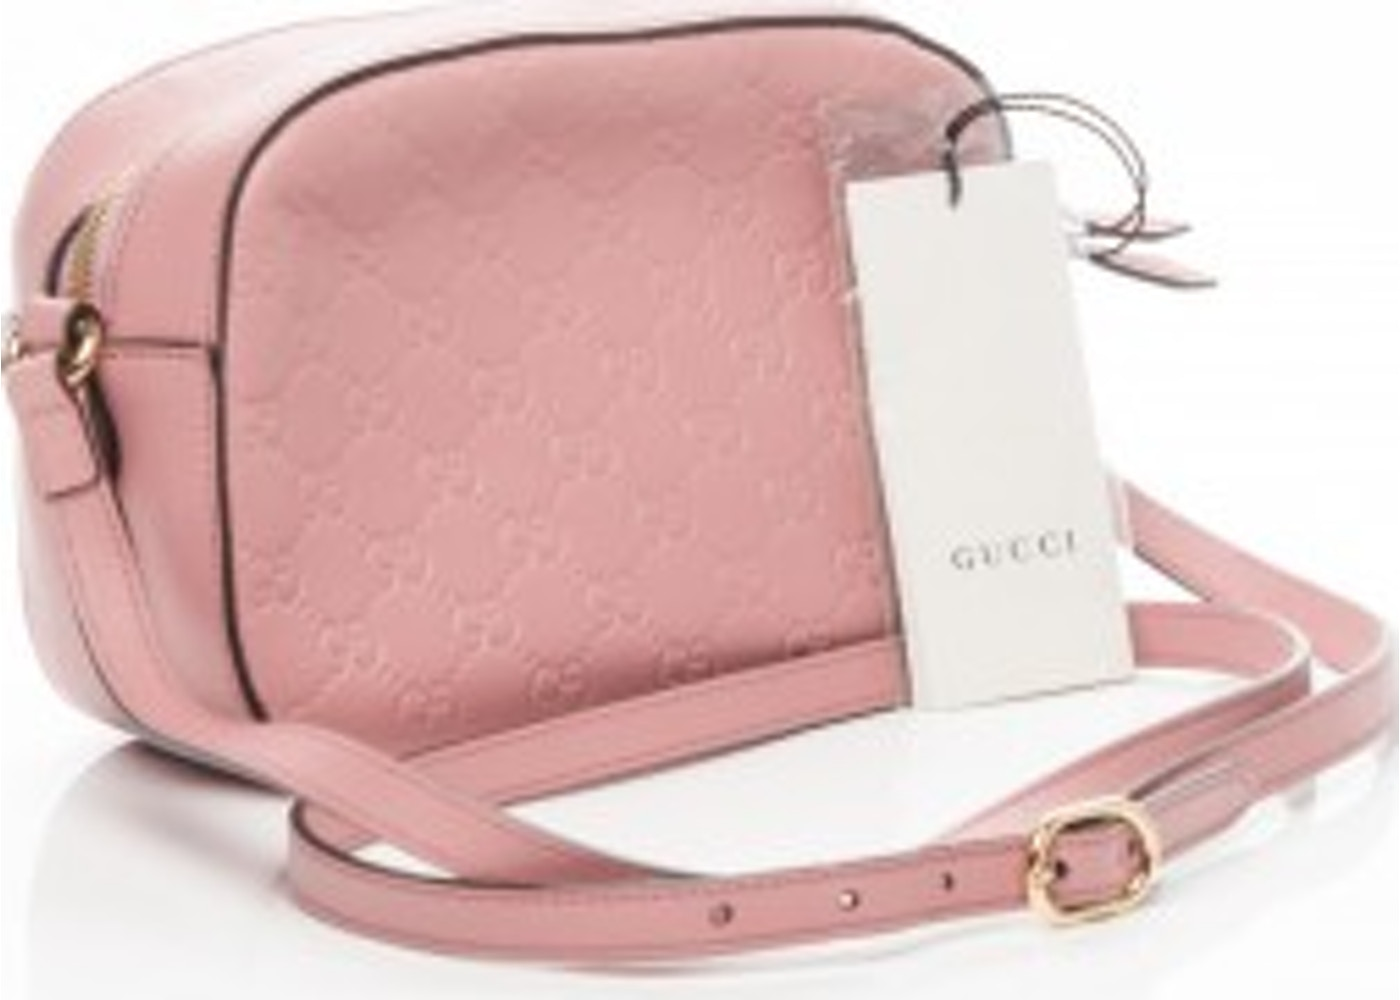 a50e8b55faa Gucci Camera Bag Crossbody Guccissima Small Pink